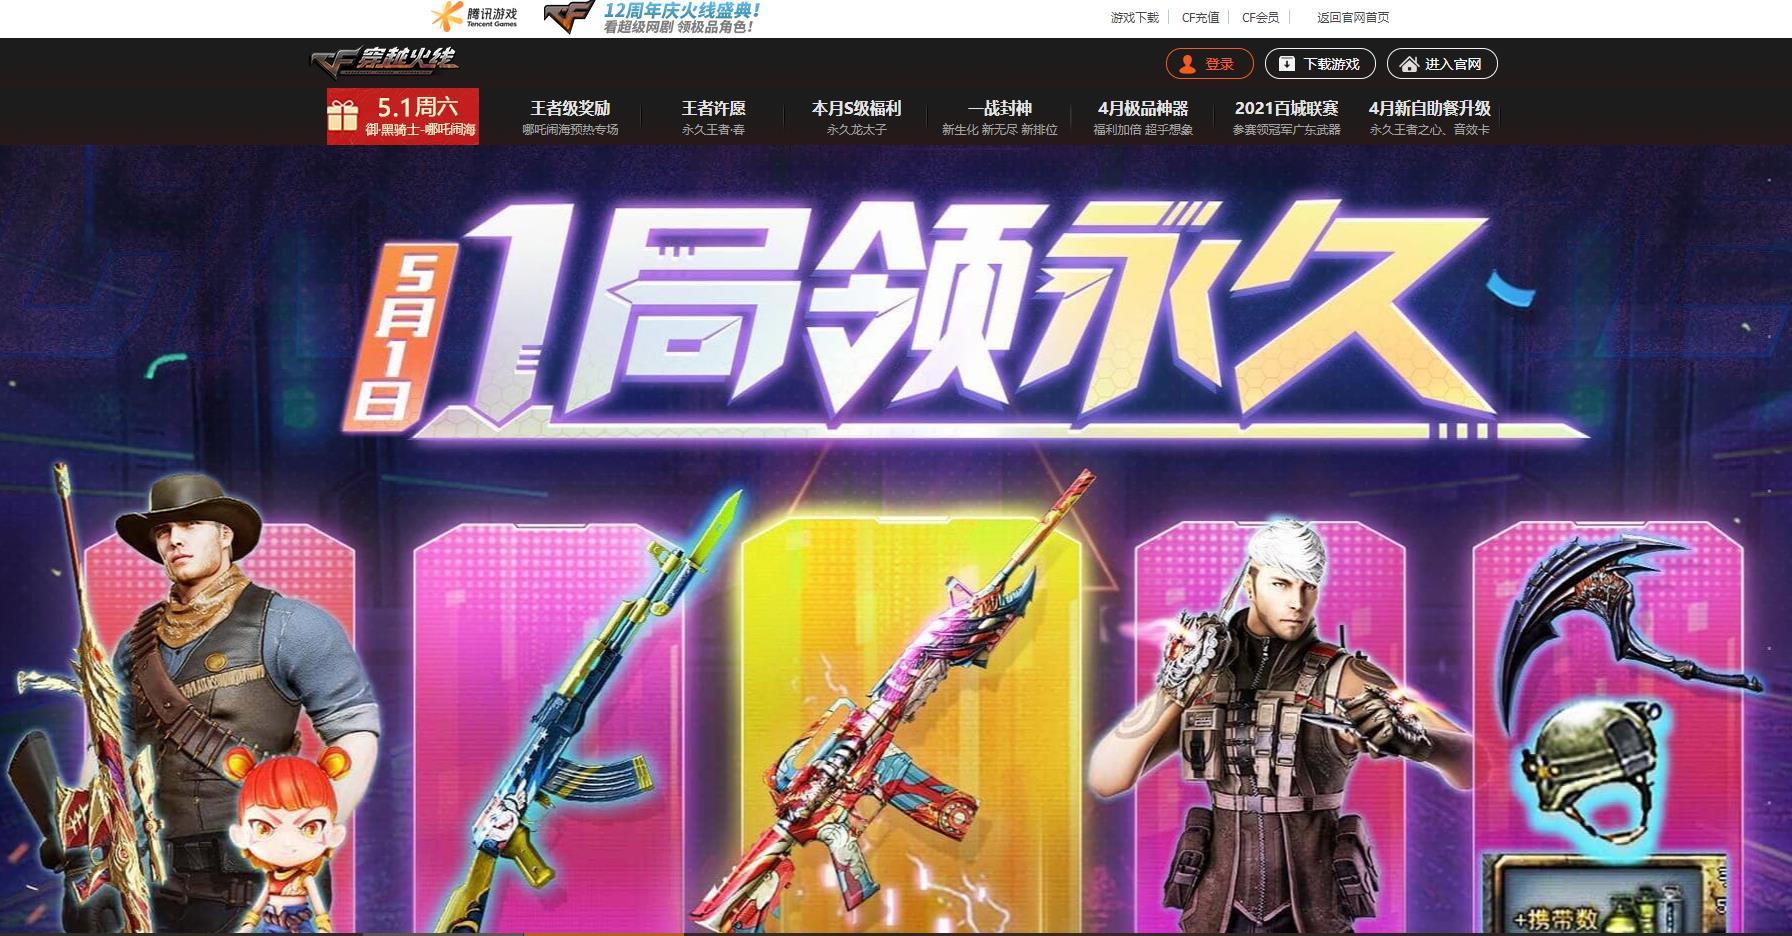 穿越火线官方网站,CF官方论坛